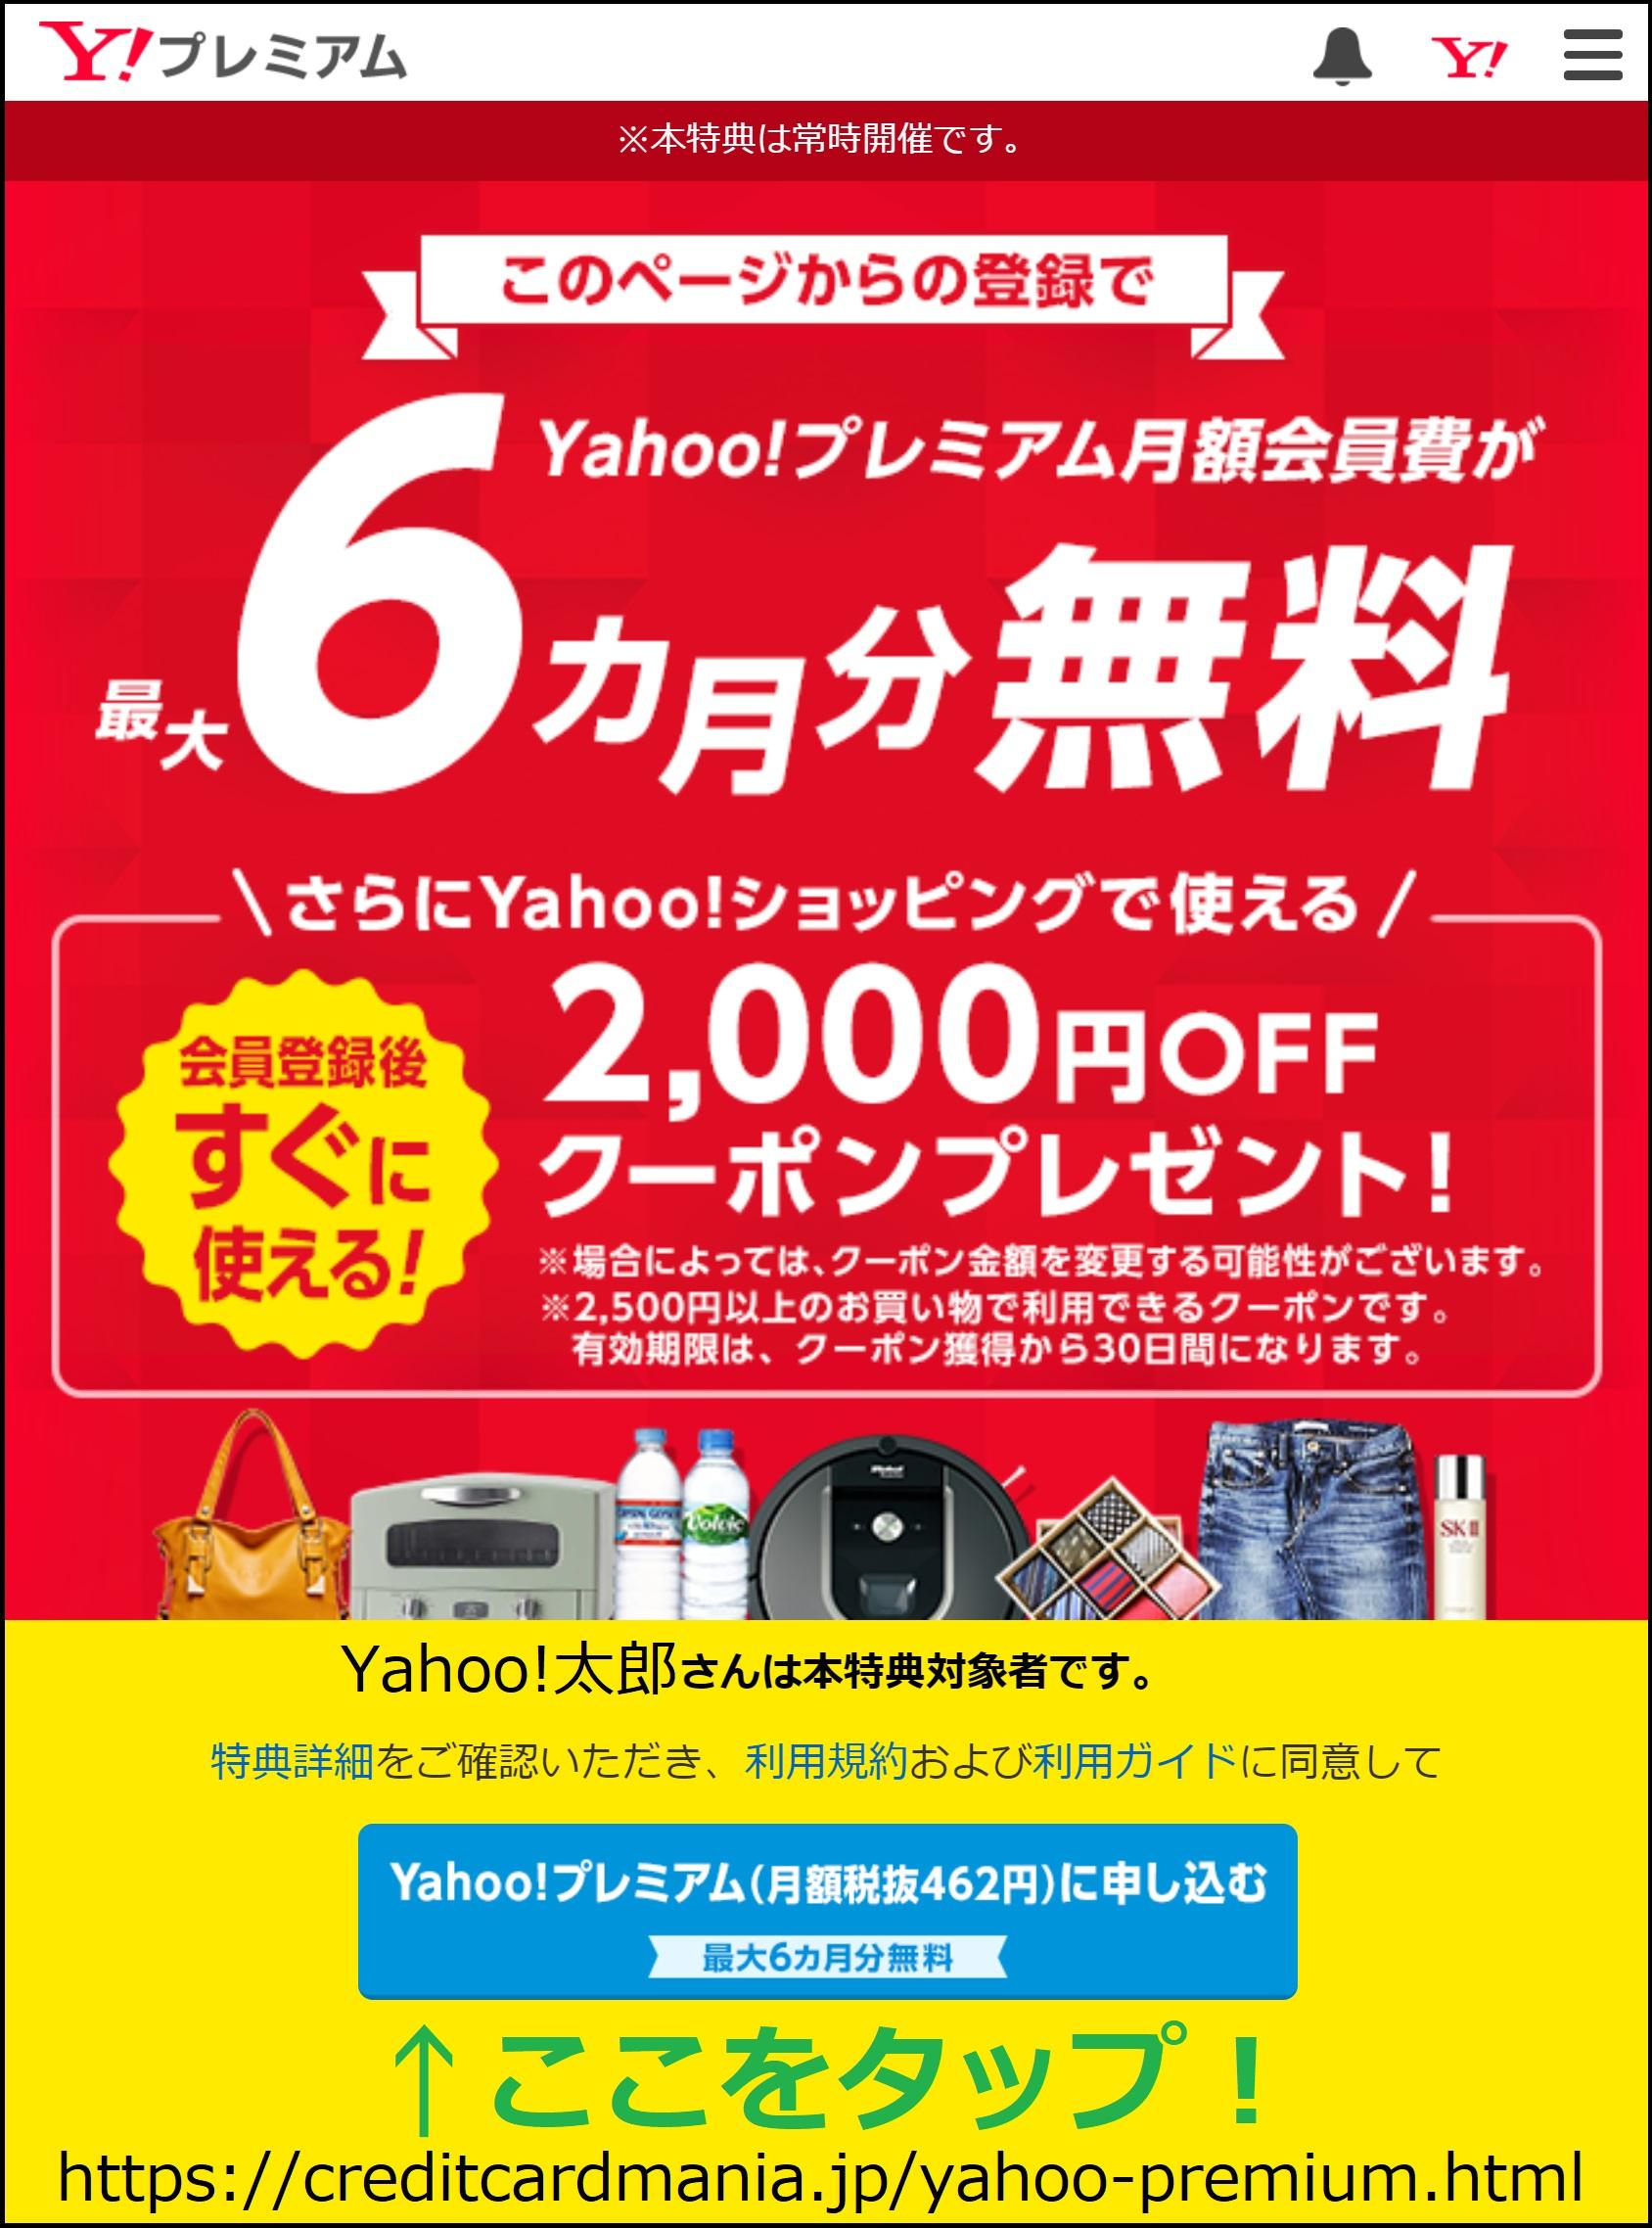 ヤフープレミアムの6ヶ月無料でお試し+2,000円クーポン付申し込み2